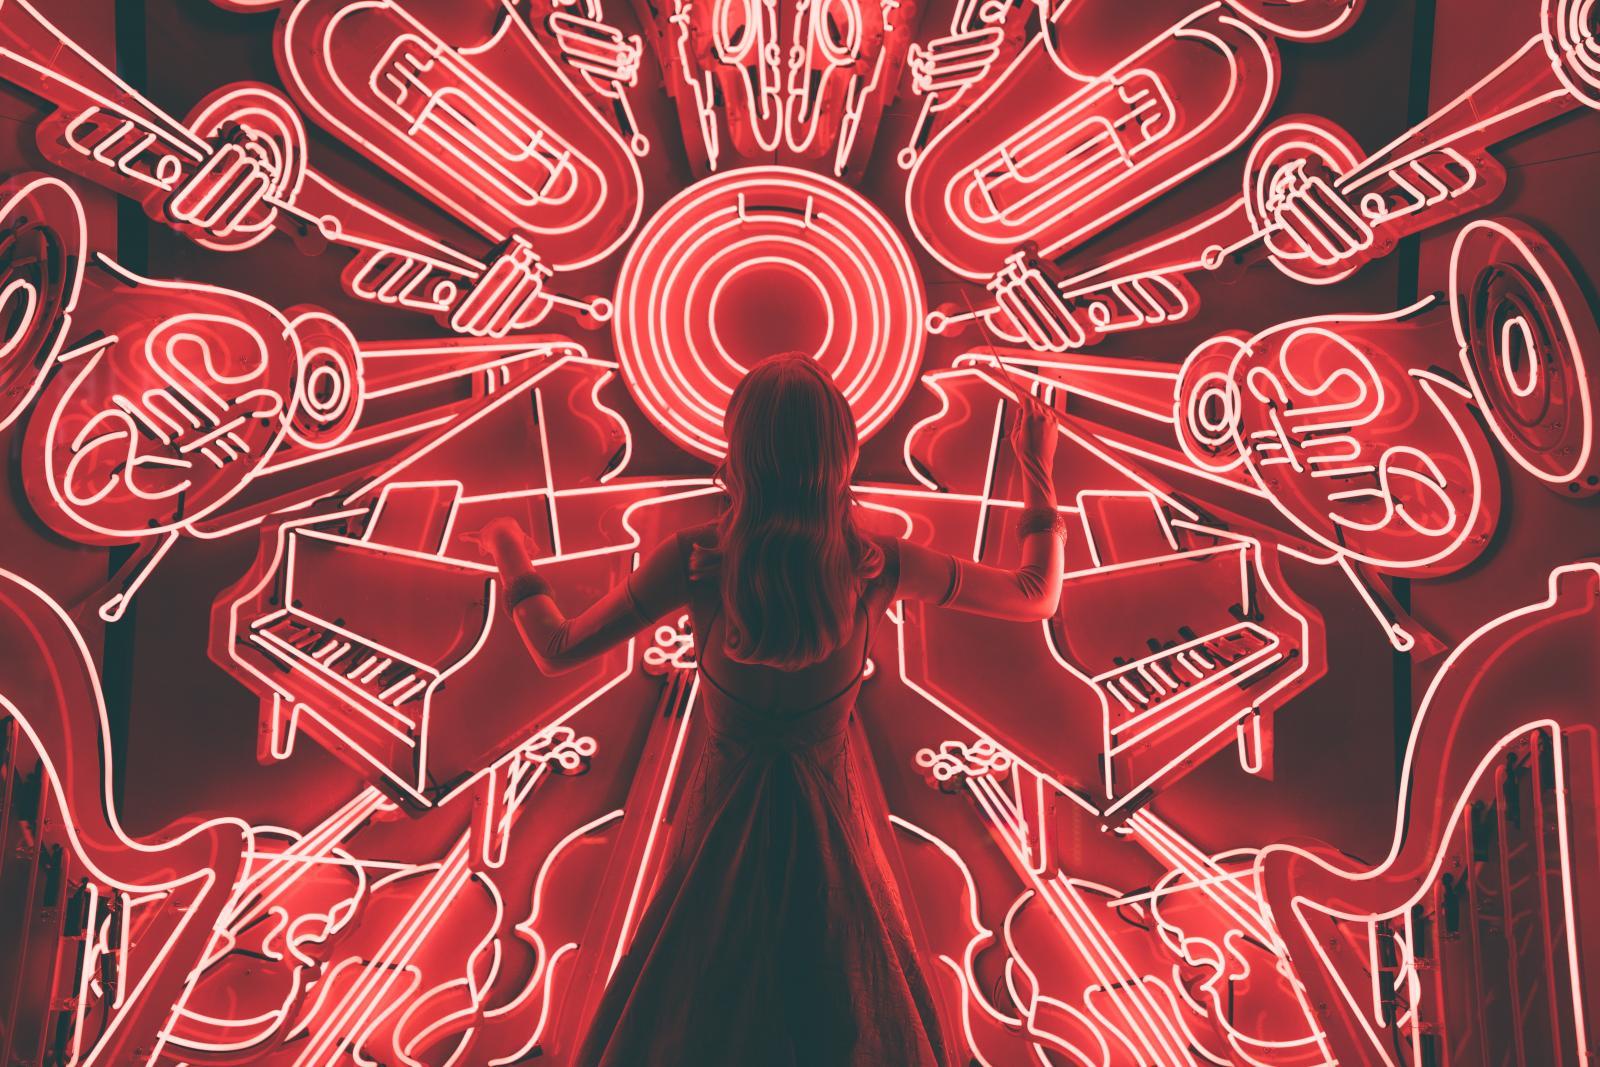 Glazba ima čudesne učinke na tijelo i psihu.